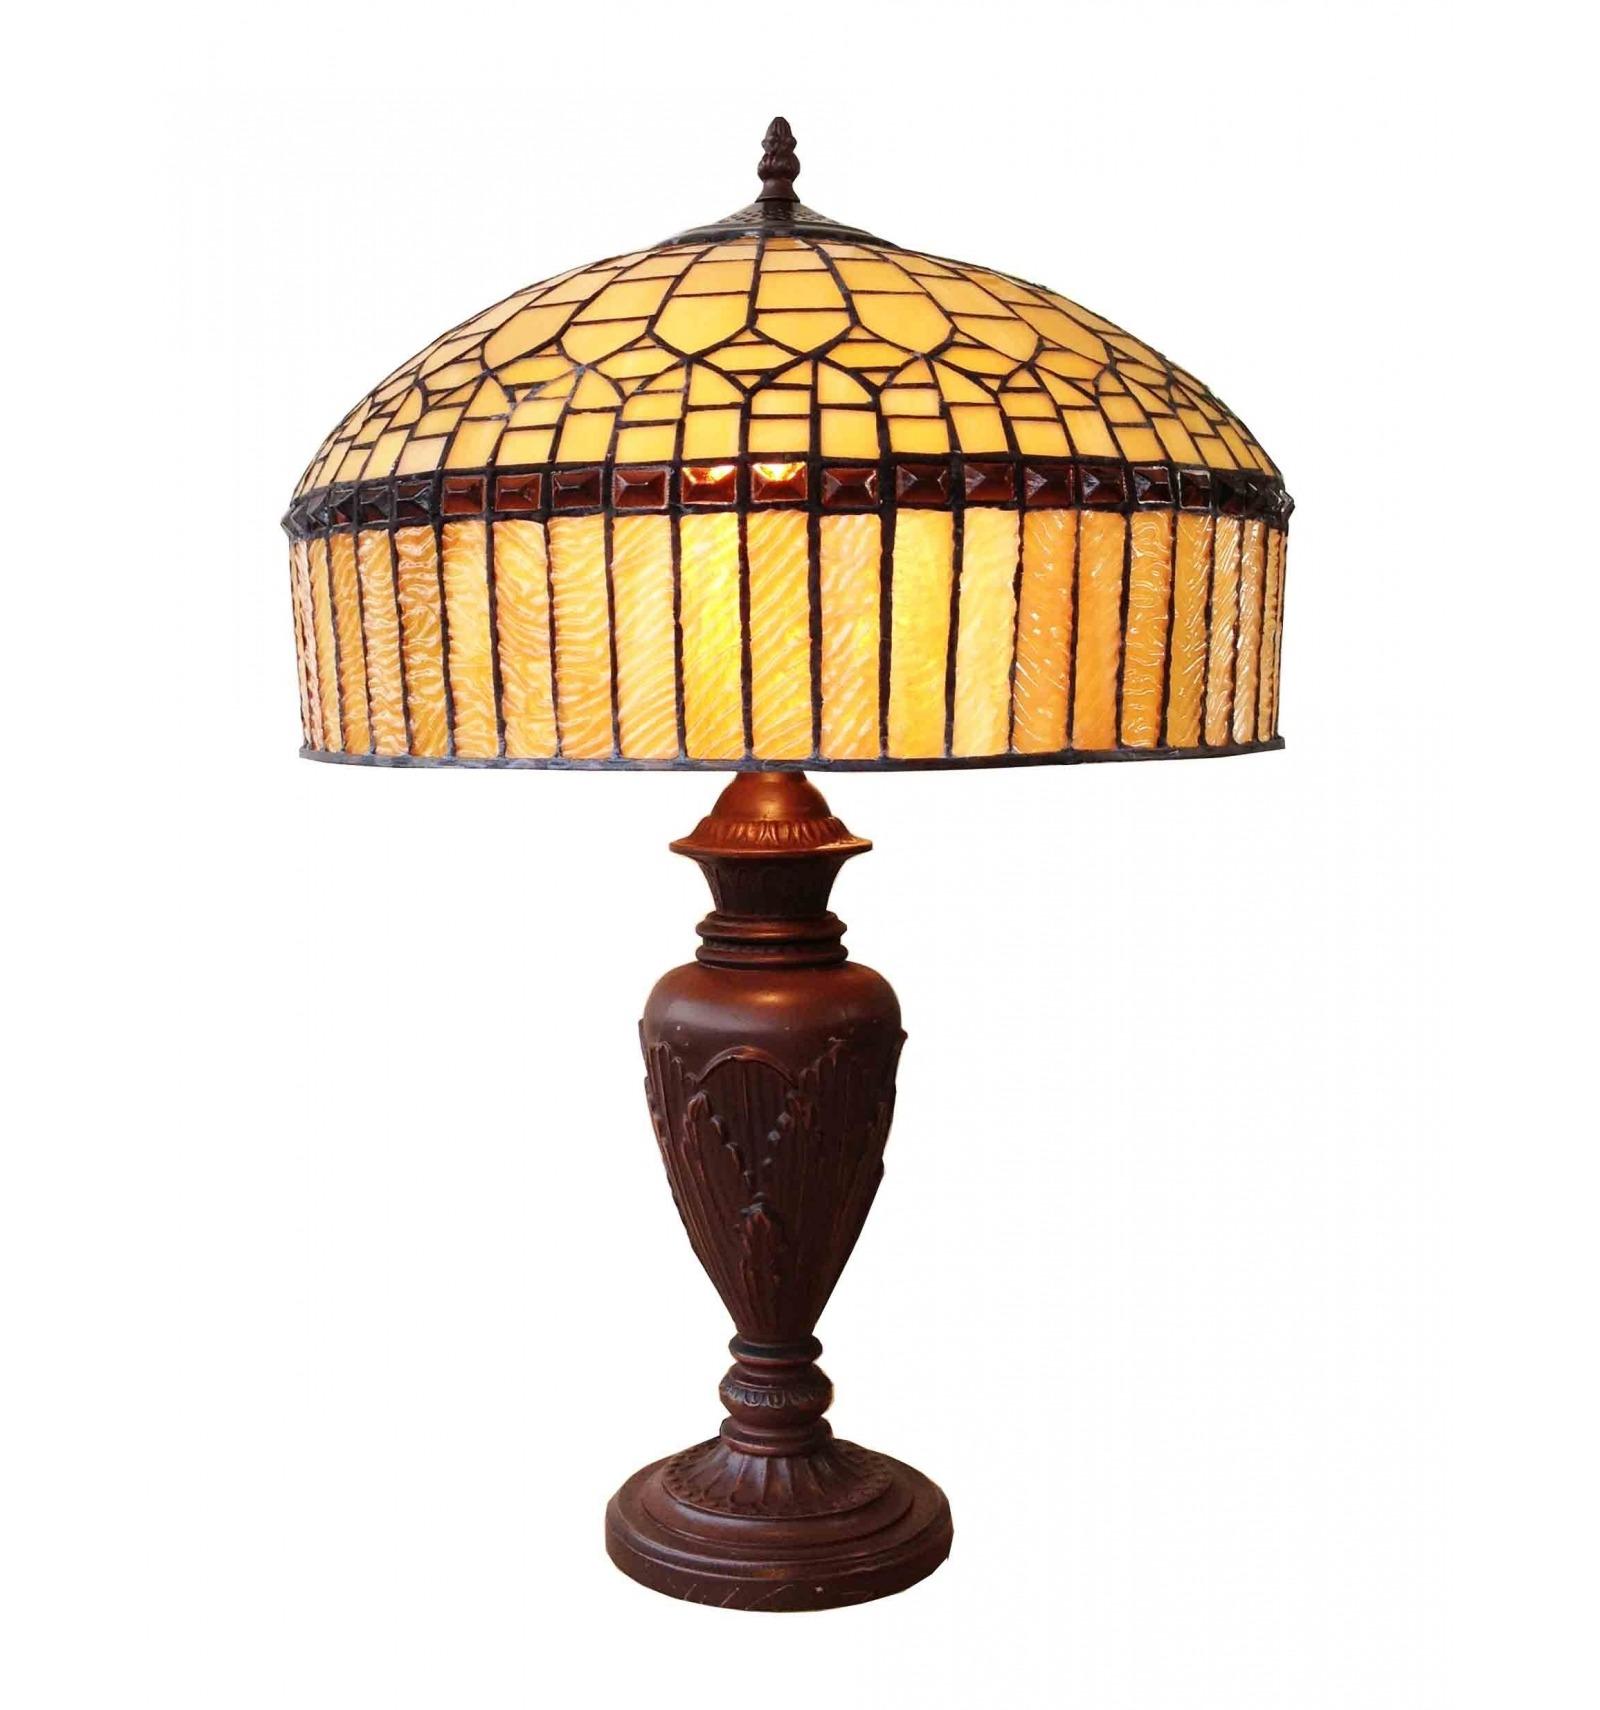 96 lampe de chevet londres achetez en gros r tro table de chevet en ligne des londres lampe - Lampe de chevet ado ...